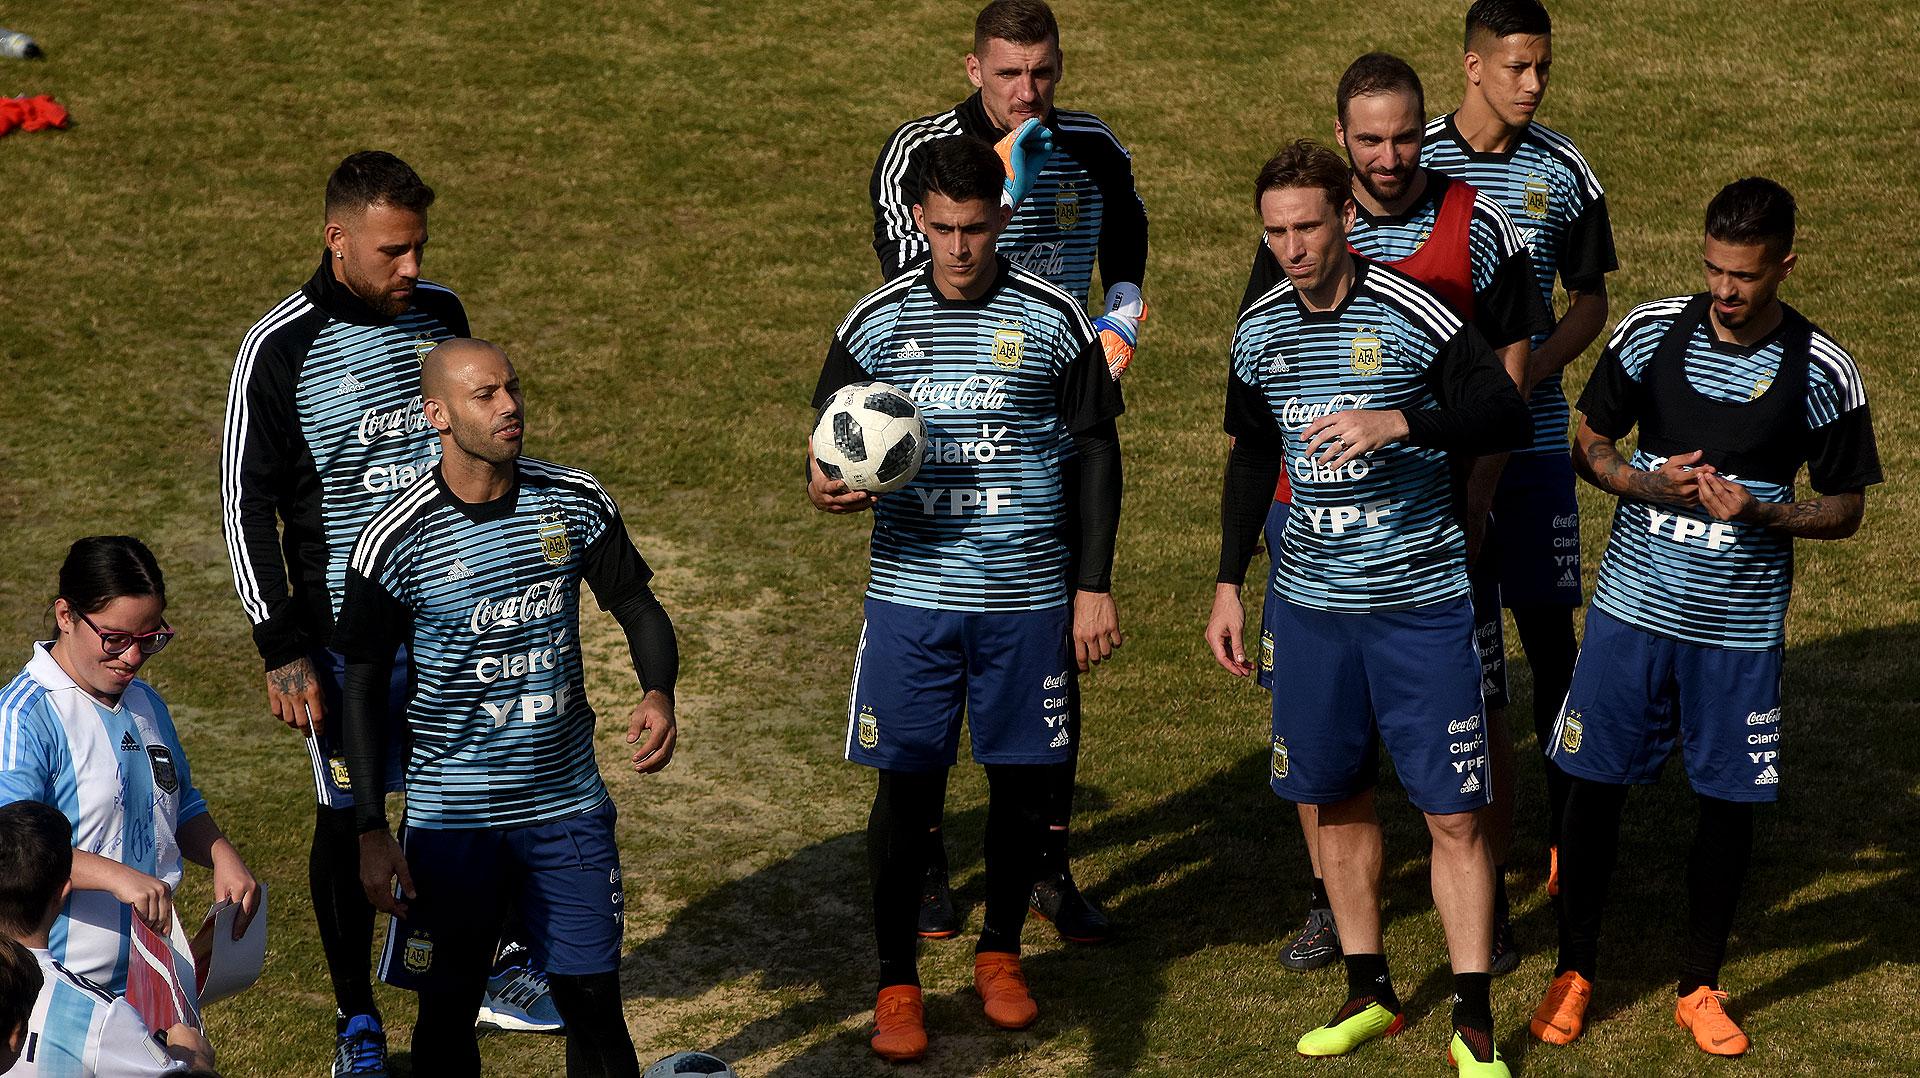 Argentina jugará contra Haití en la Bombonera el martes 29 de mayo a las 20 horas: será la despedida del país de la delegación mundialista